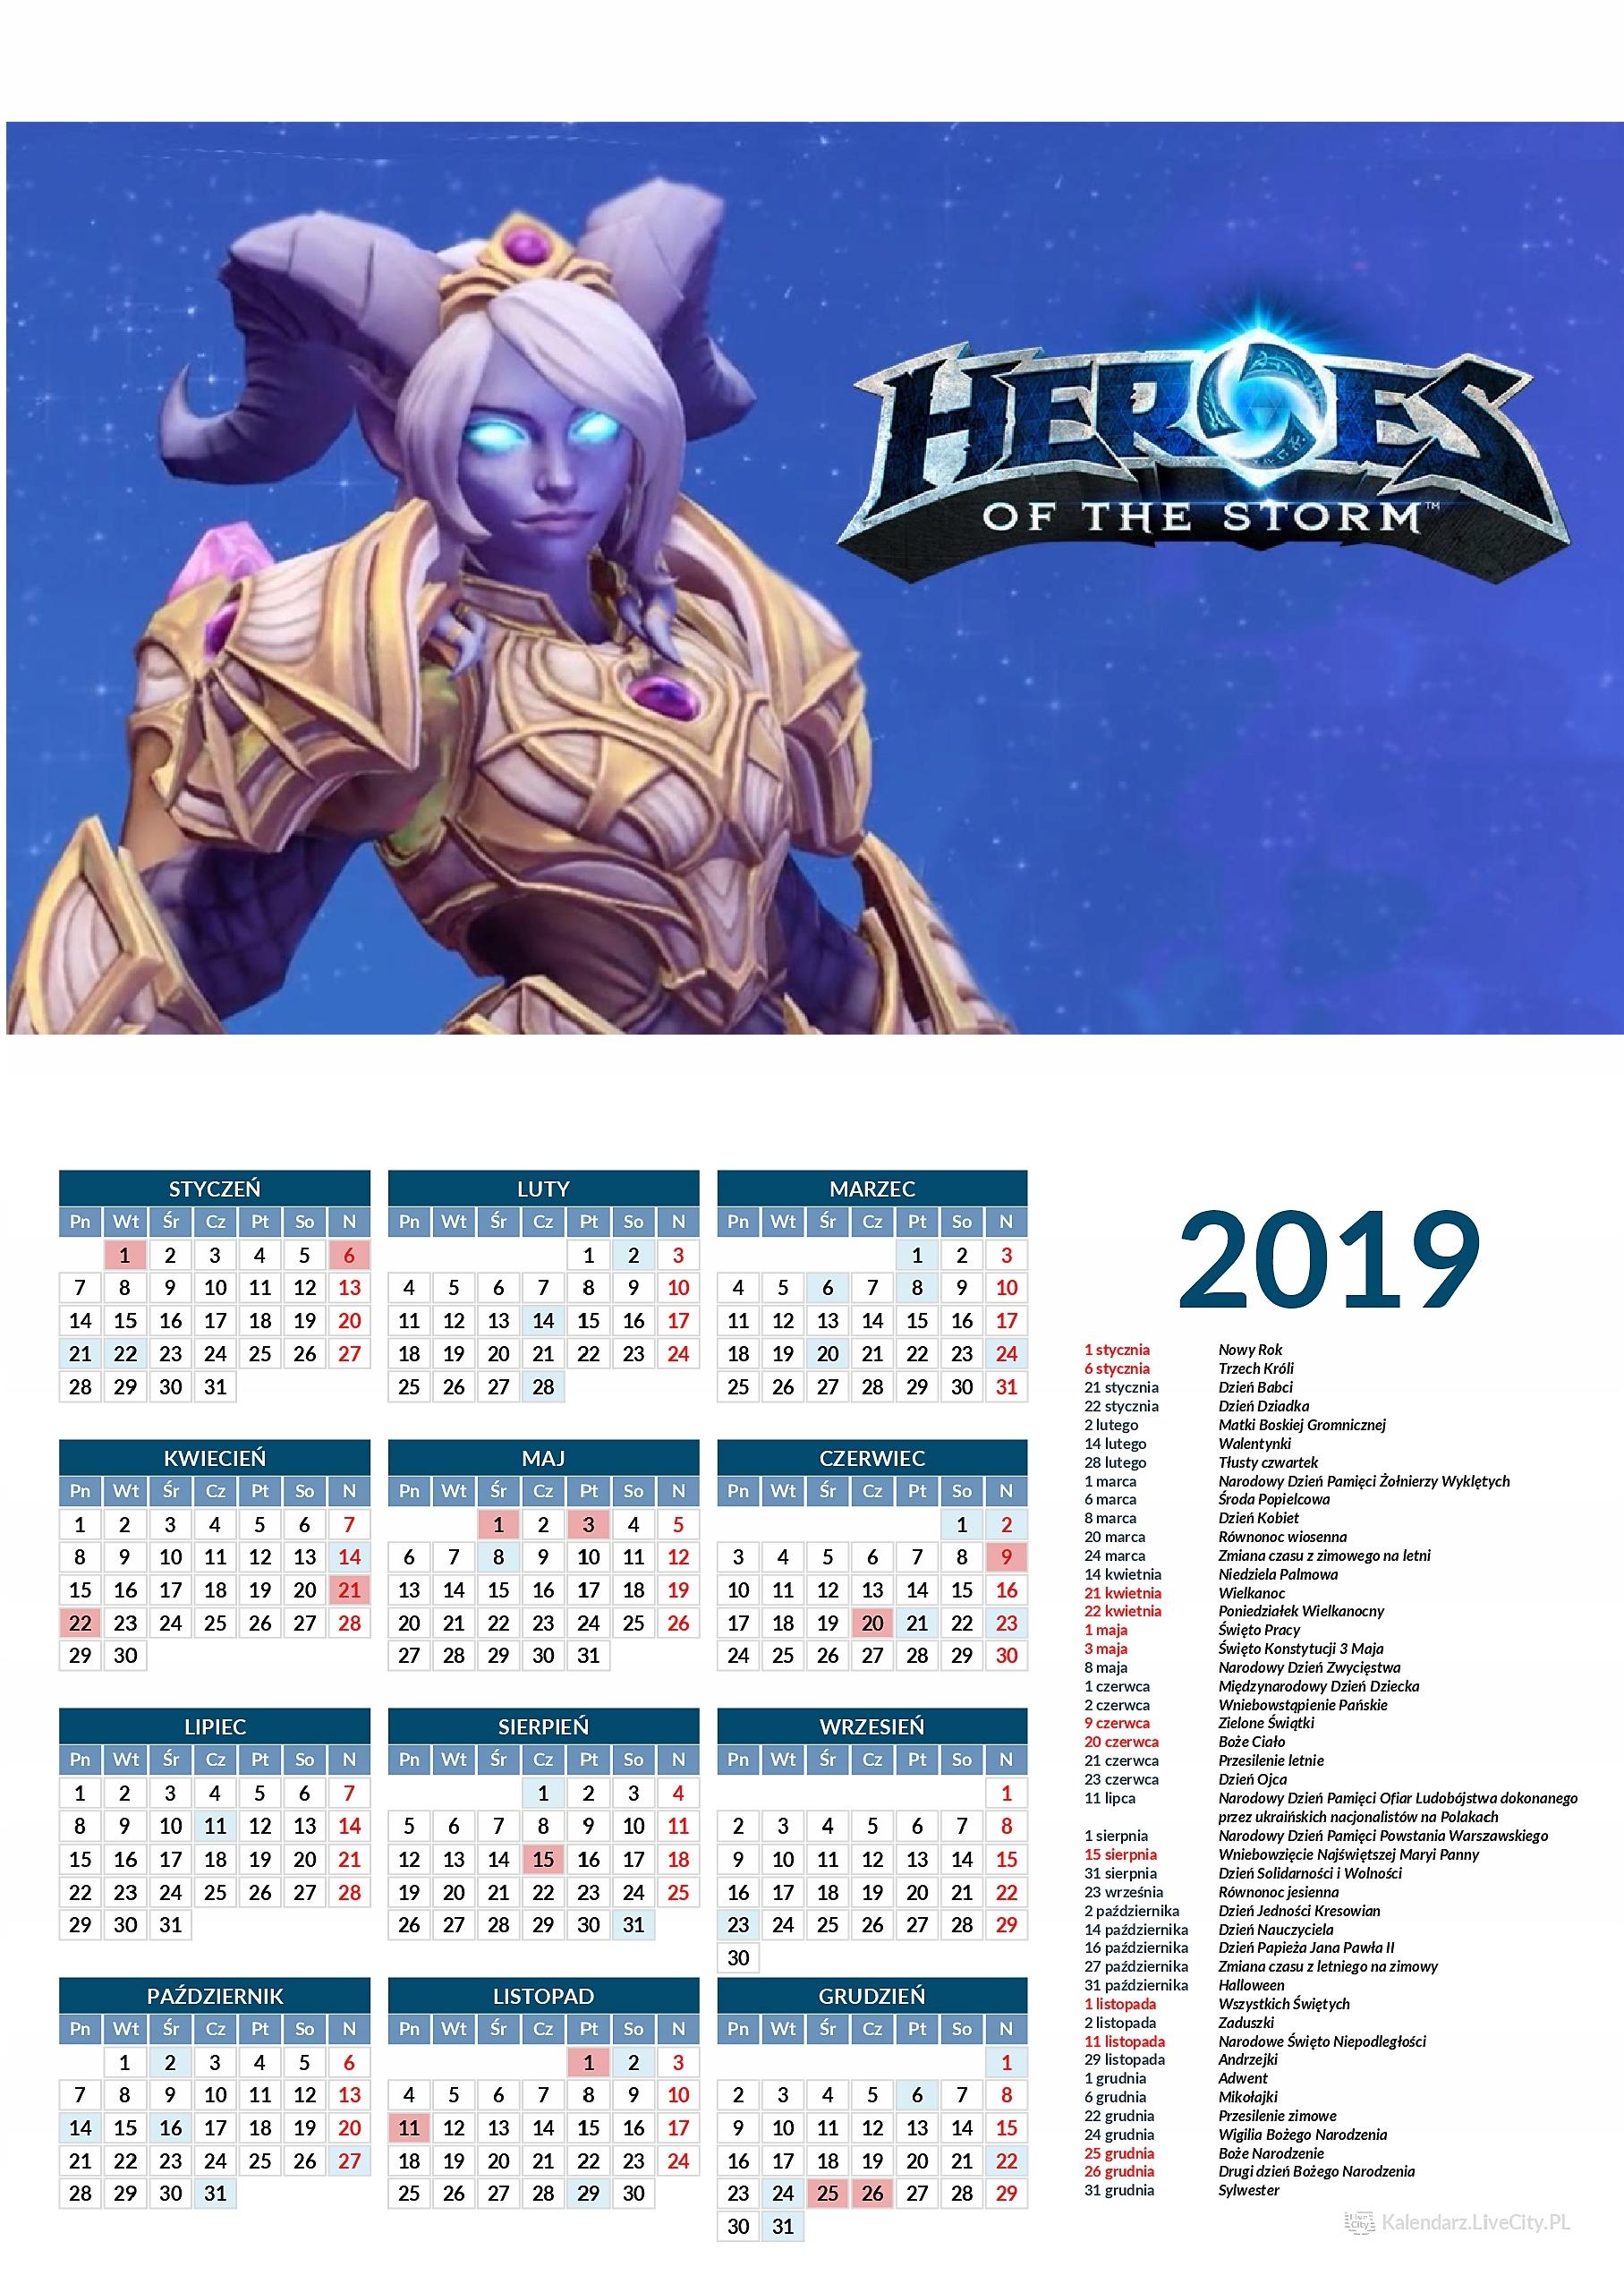 Kalendarz 2019 GRA HEROES OF THE STORM YREL